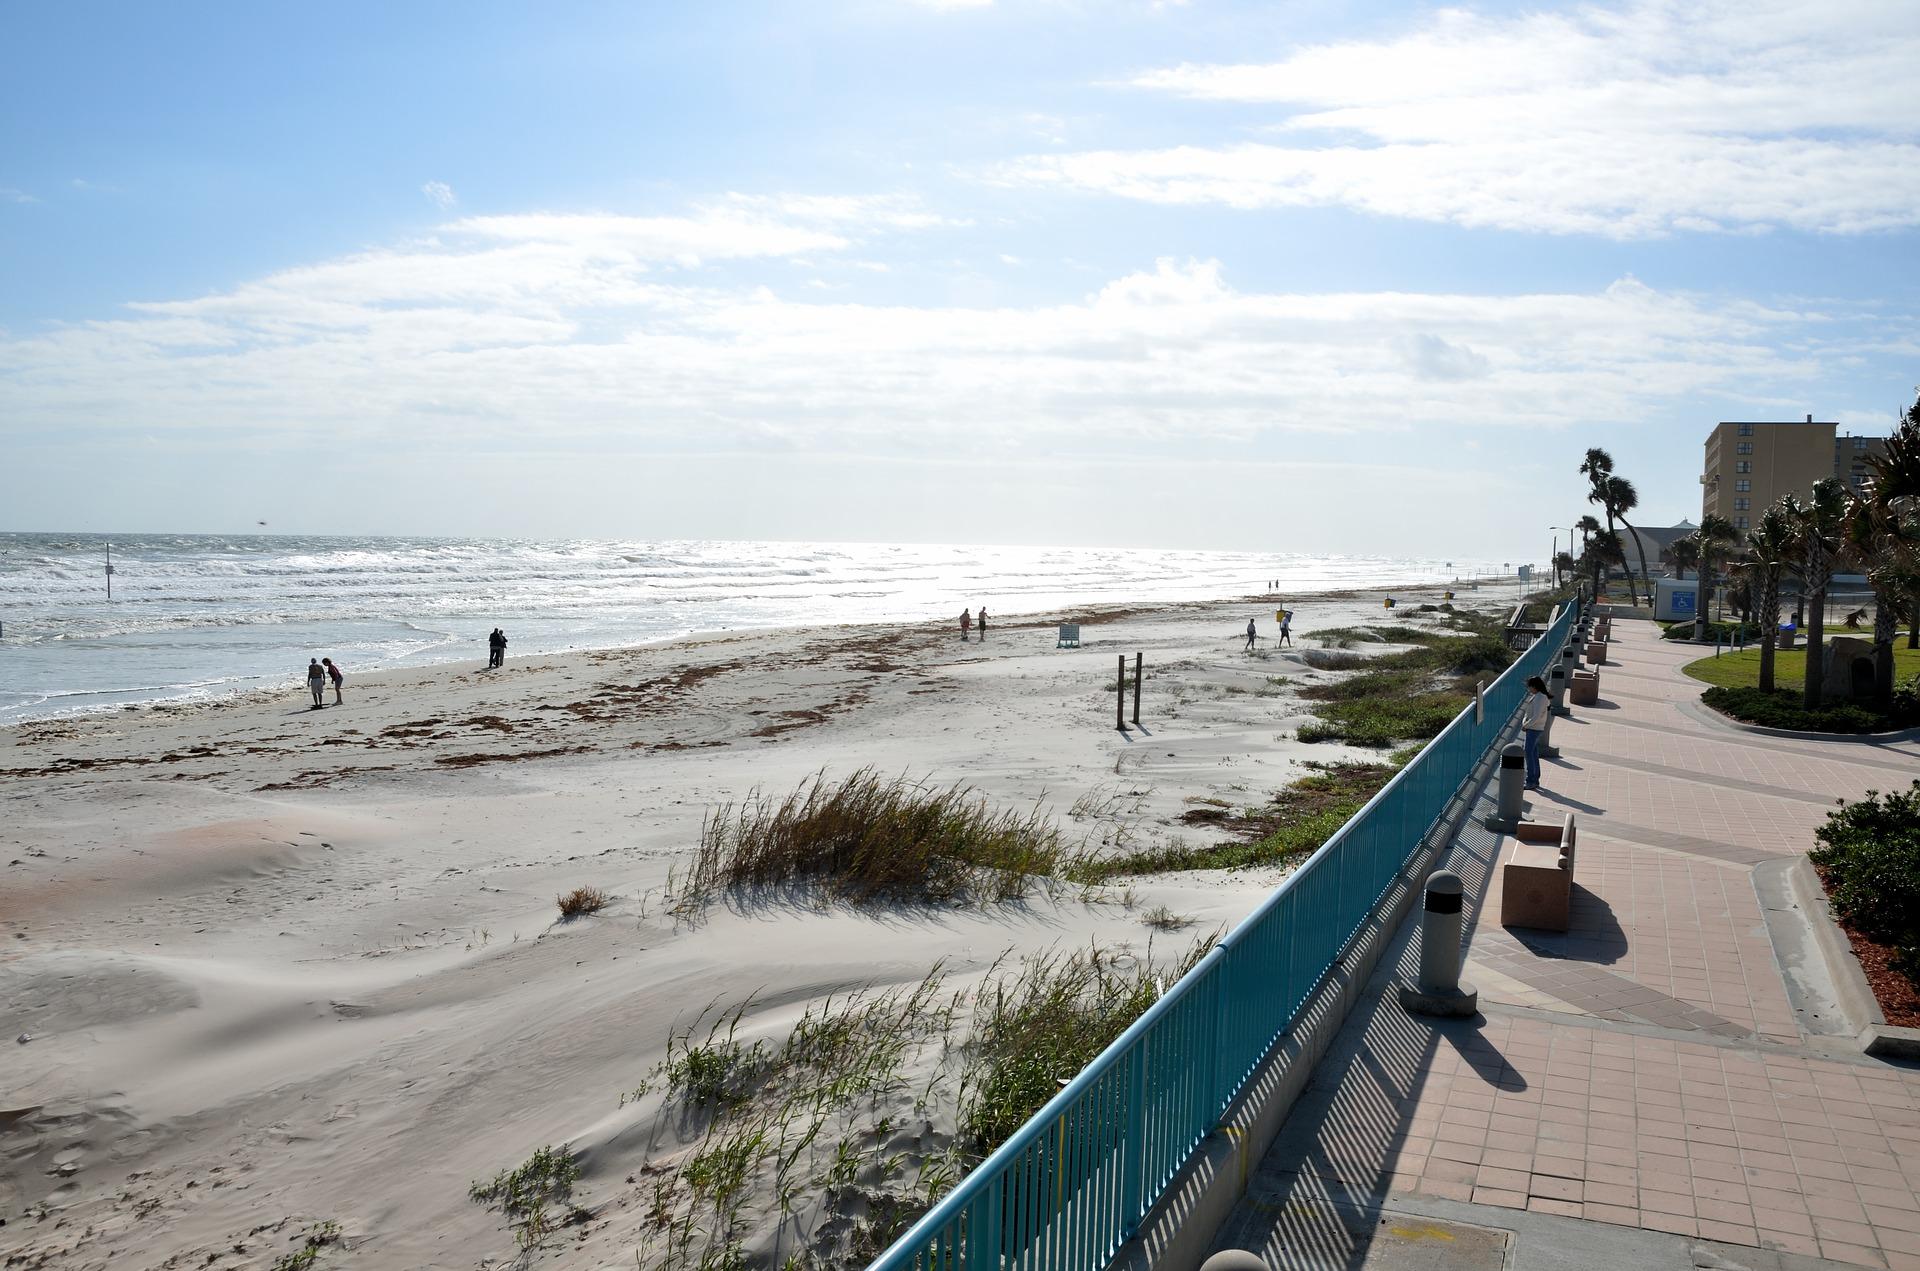 daytona-beach-2089611_1920